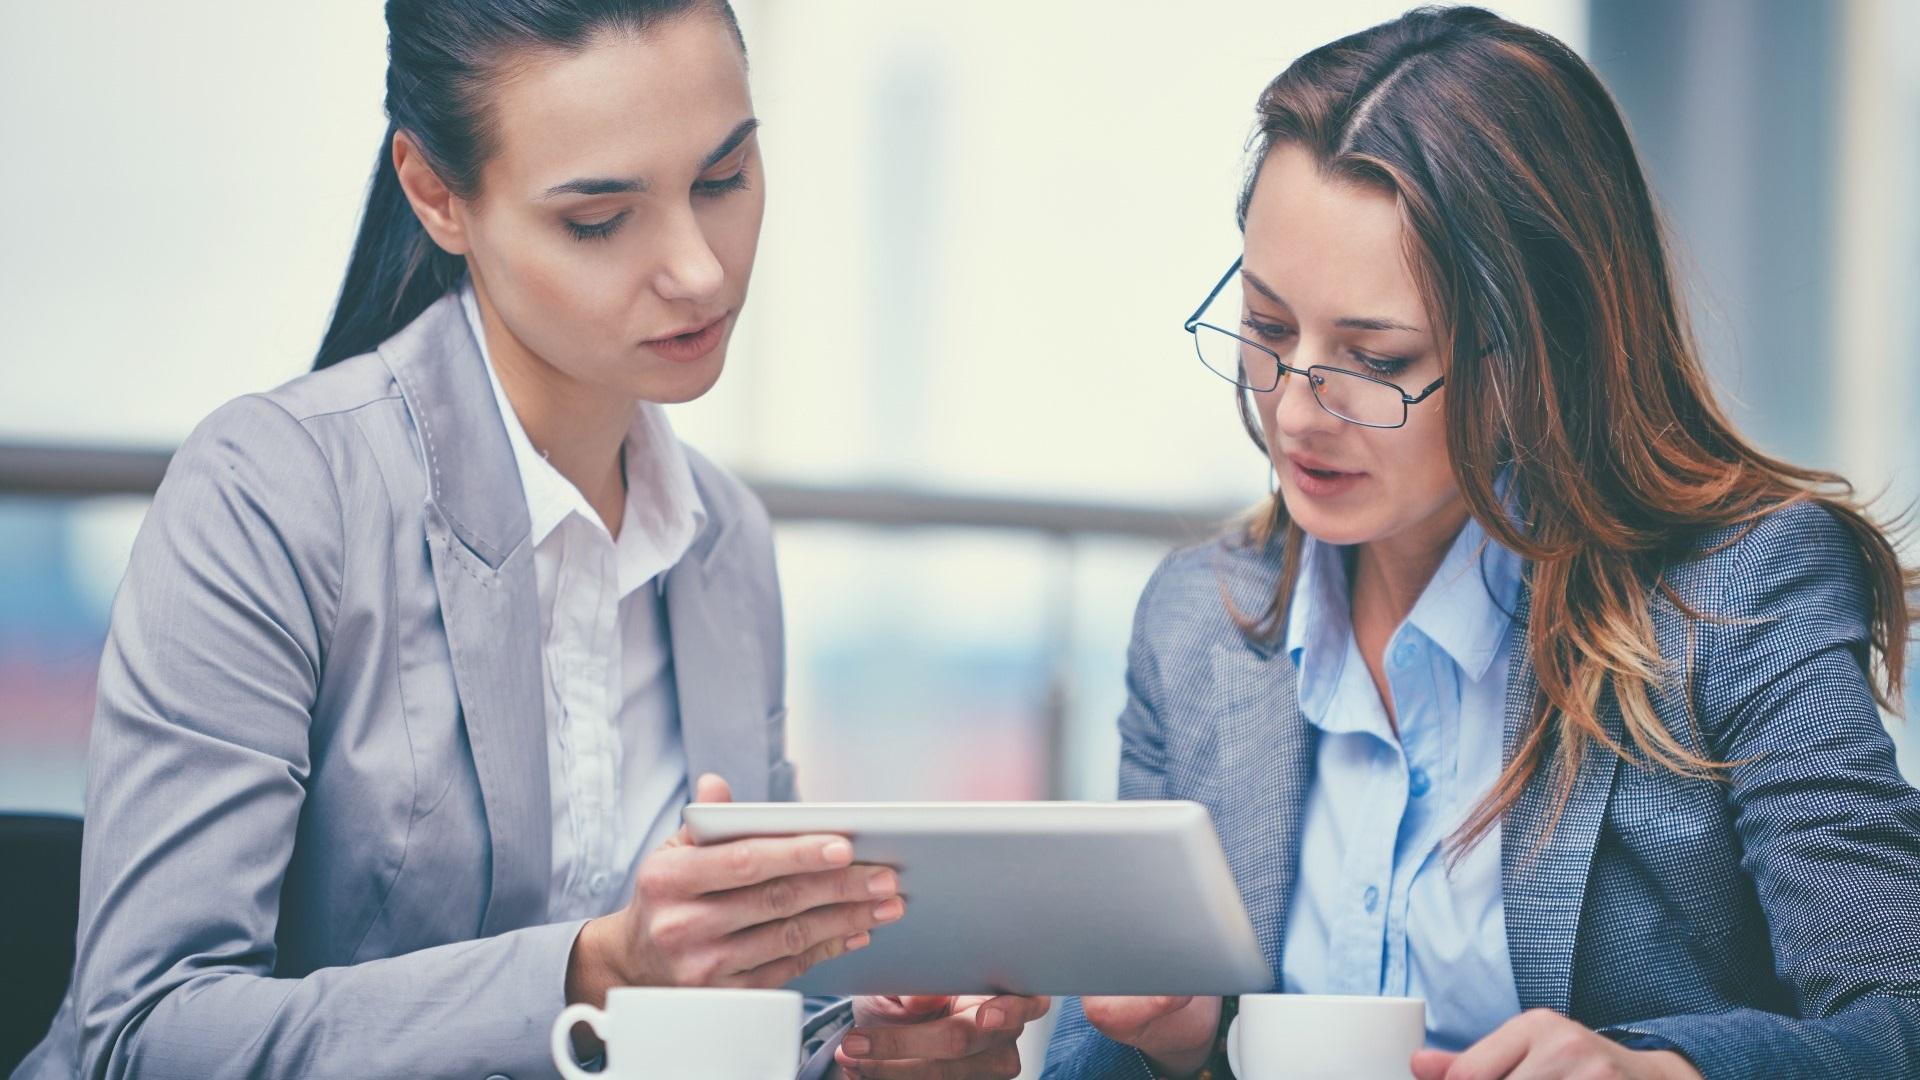 Servicios de consultoría y capacitación, para aumentar tus ventas, mejorar el servicio al cliente, experiencia de compra y branding en Panamá. imagen 2